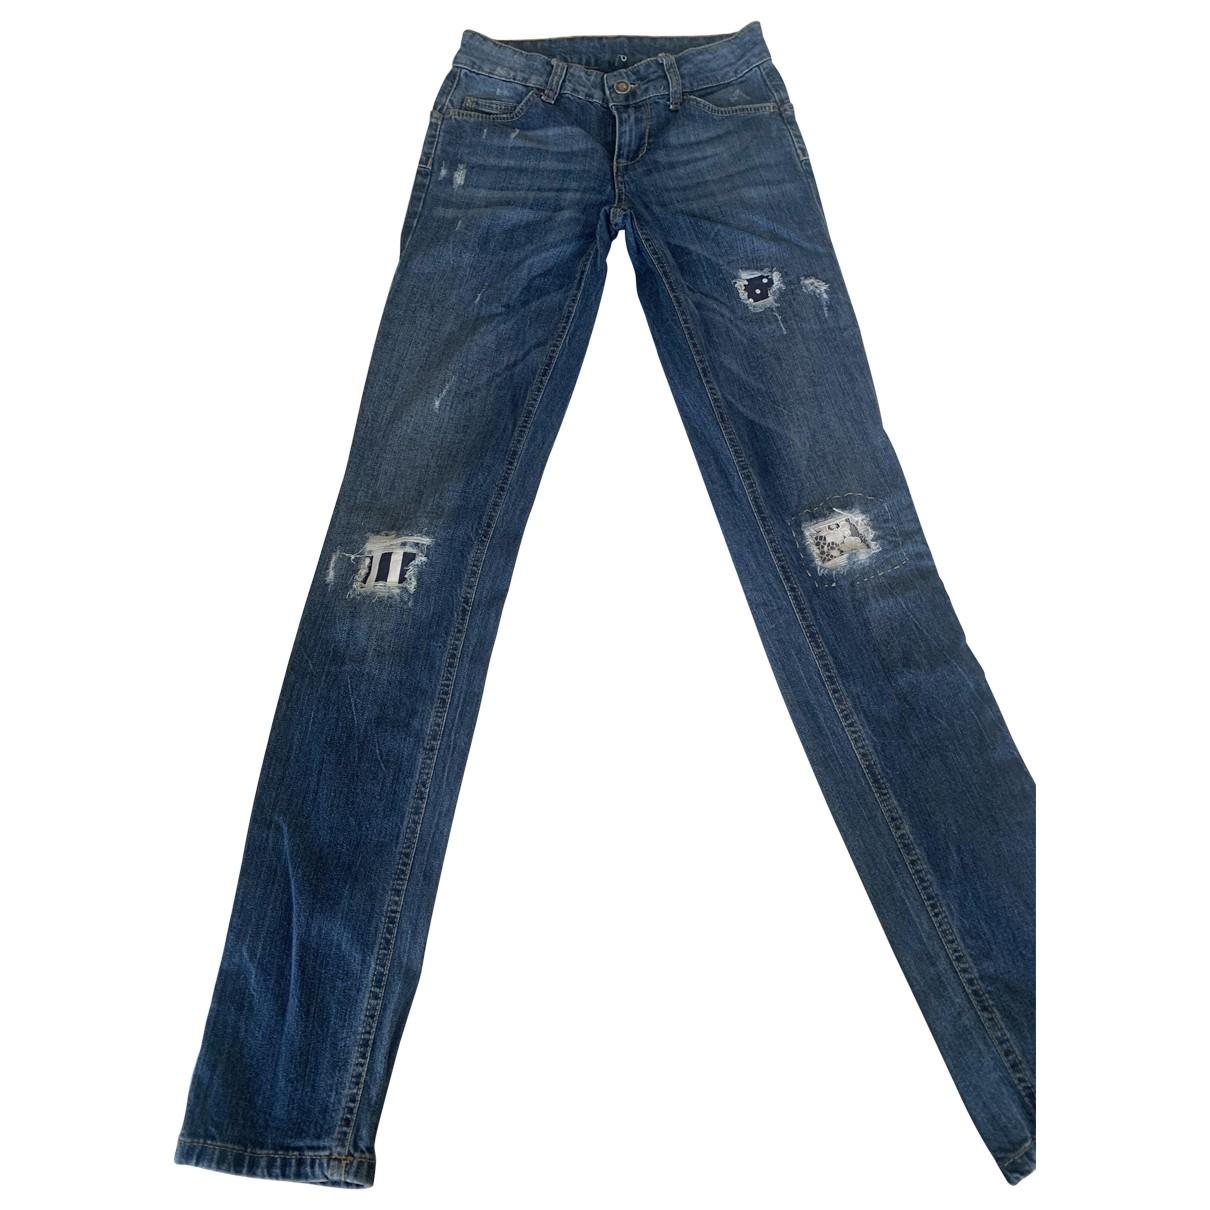 Liu.jo \N Blue Denim - Jeans Jeans for Women 25 US